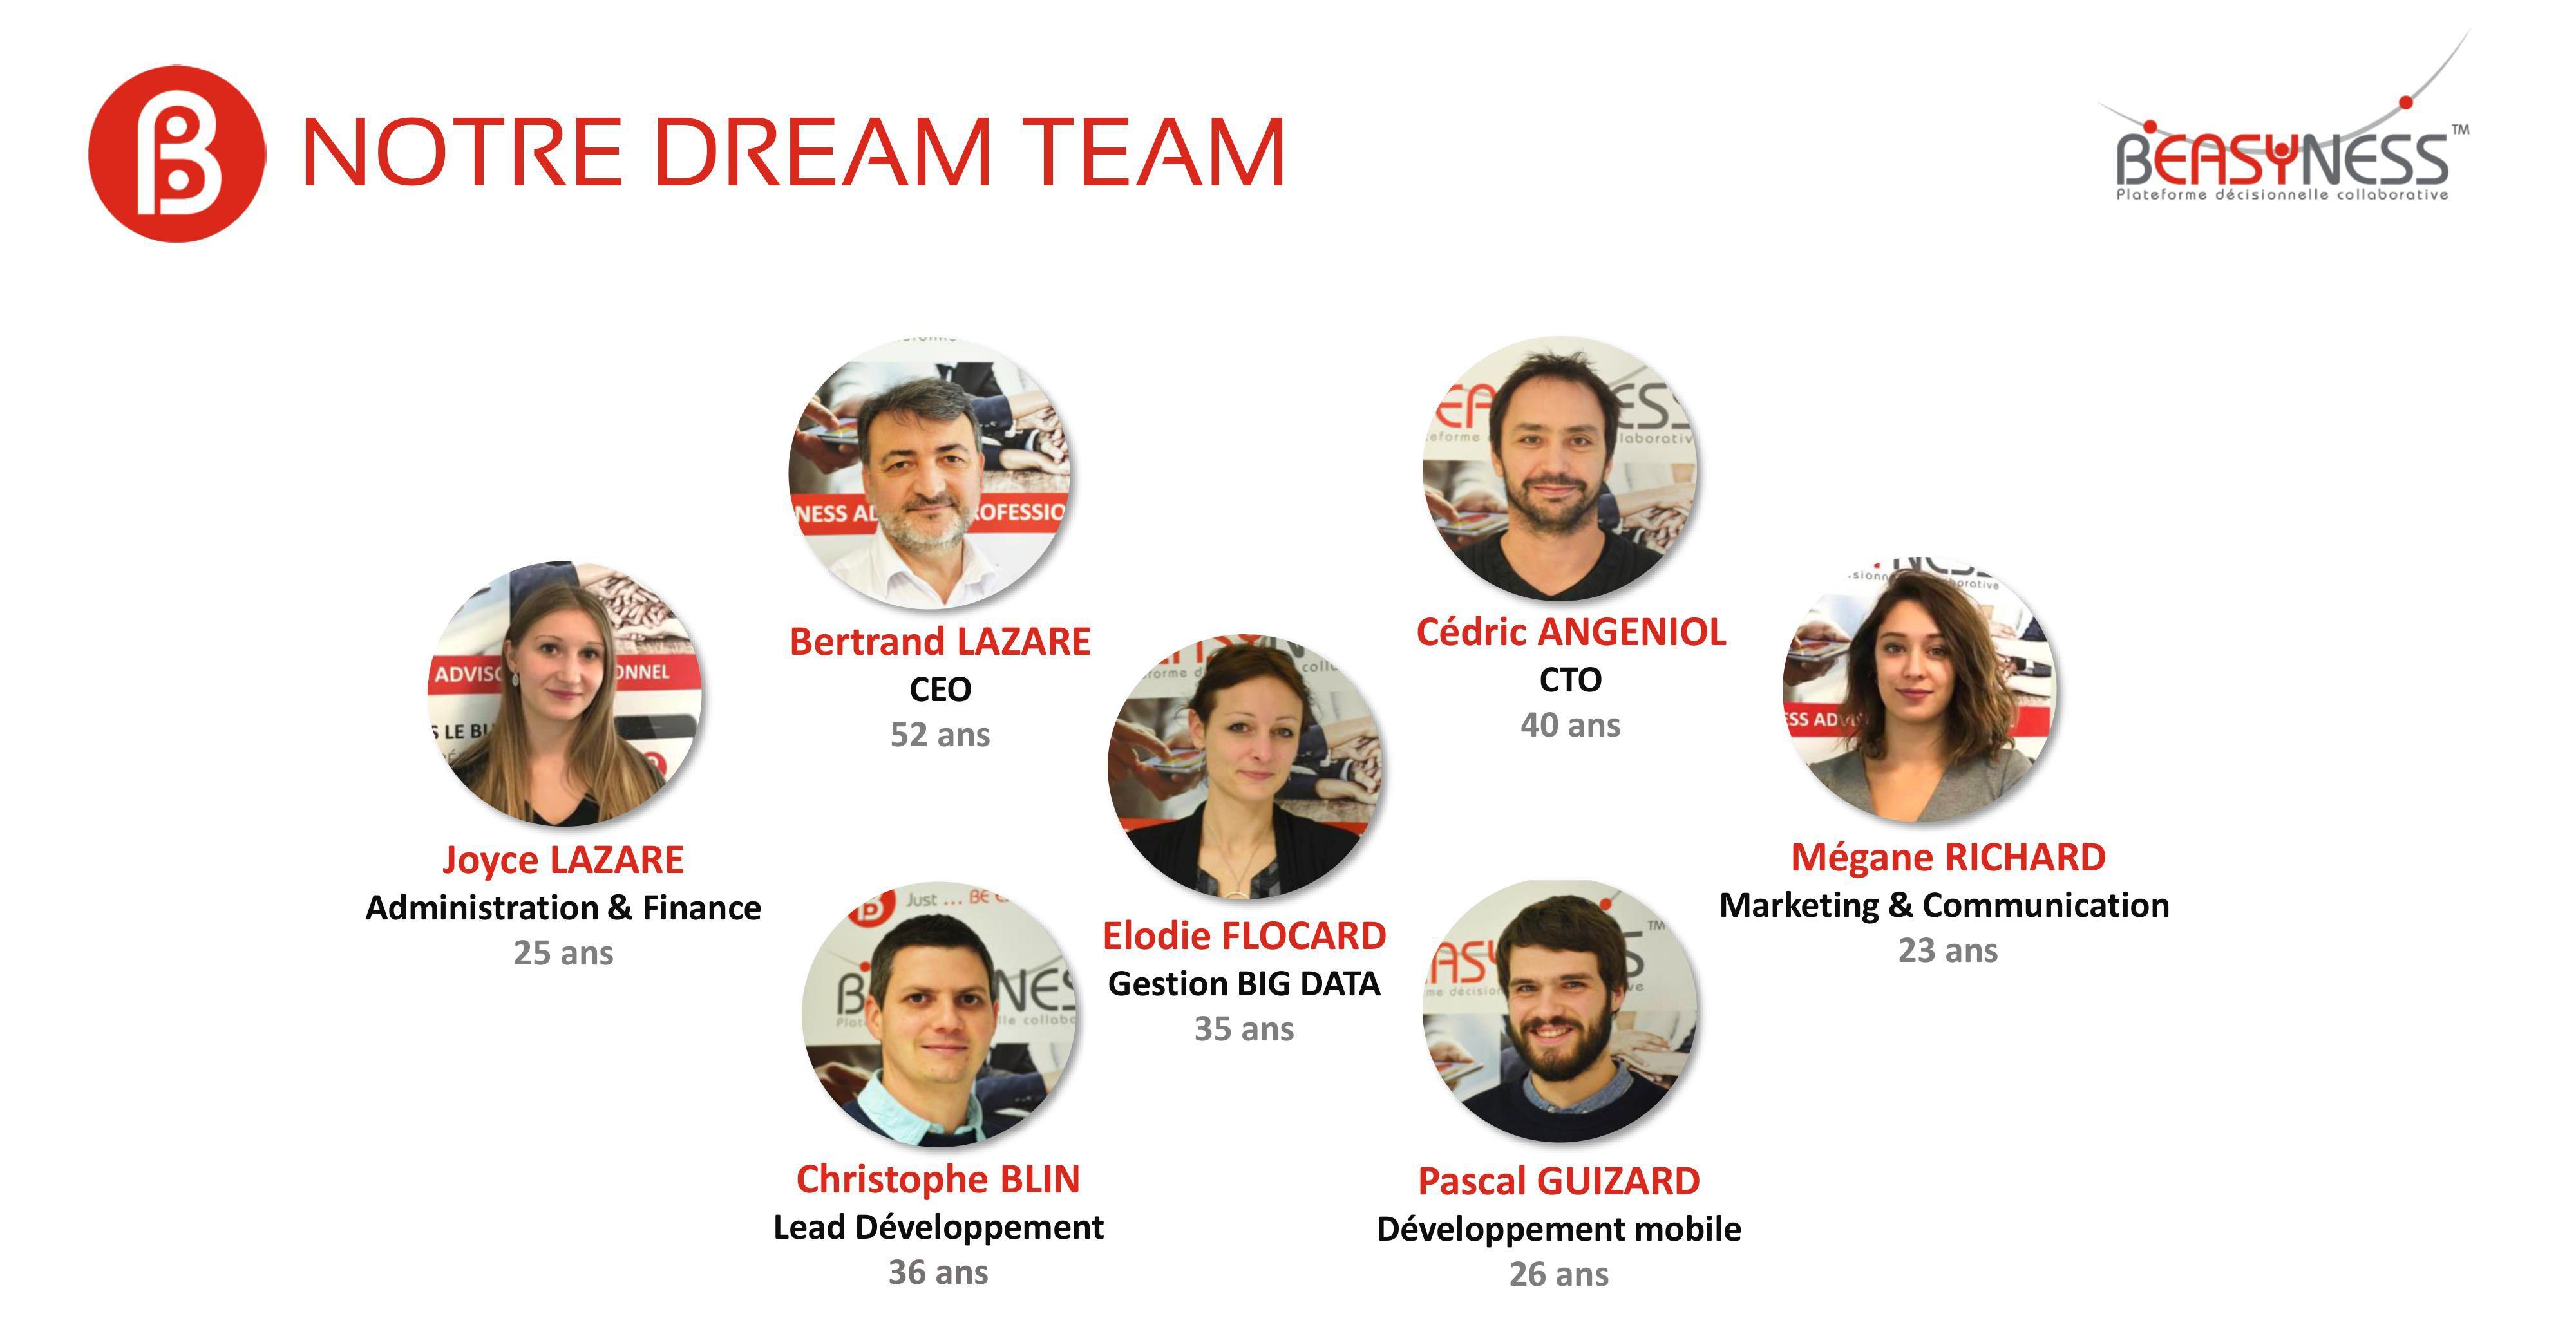 BEASYNESS est une plateforme décisionnelle collaborative, créée à Rovaltain - Valence TGV par une équipe de 7 personnes.